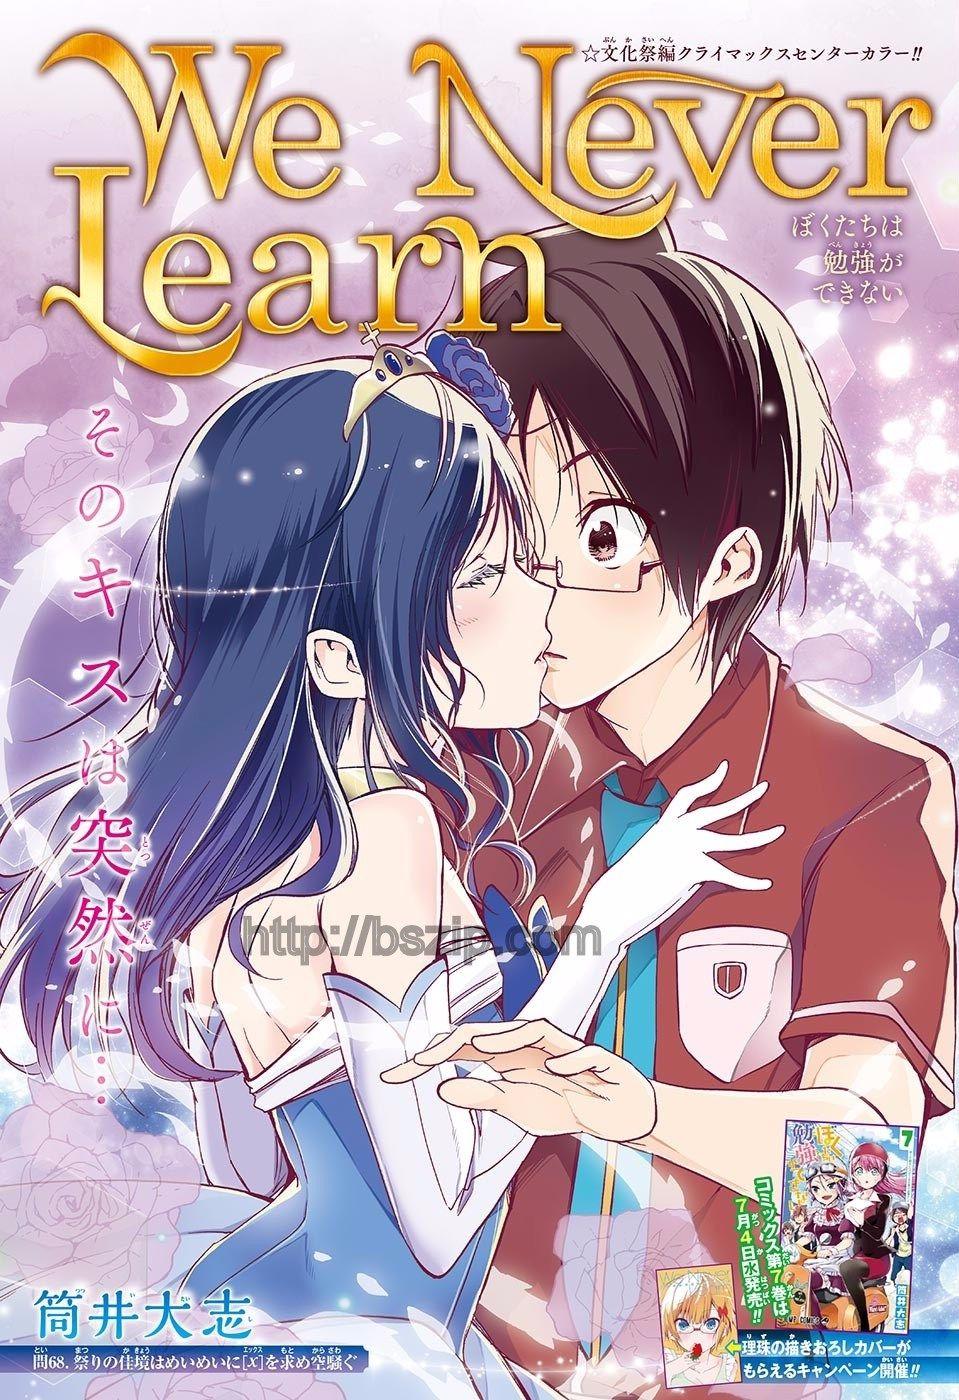 Bokutachi wa Benkyou ga Dekinai Raw Chapter 68 RawLH